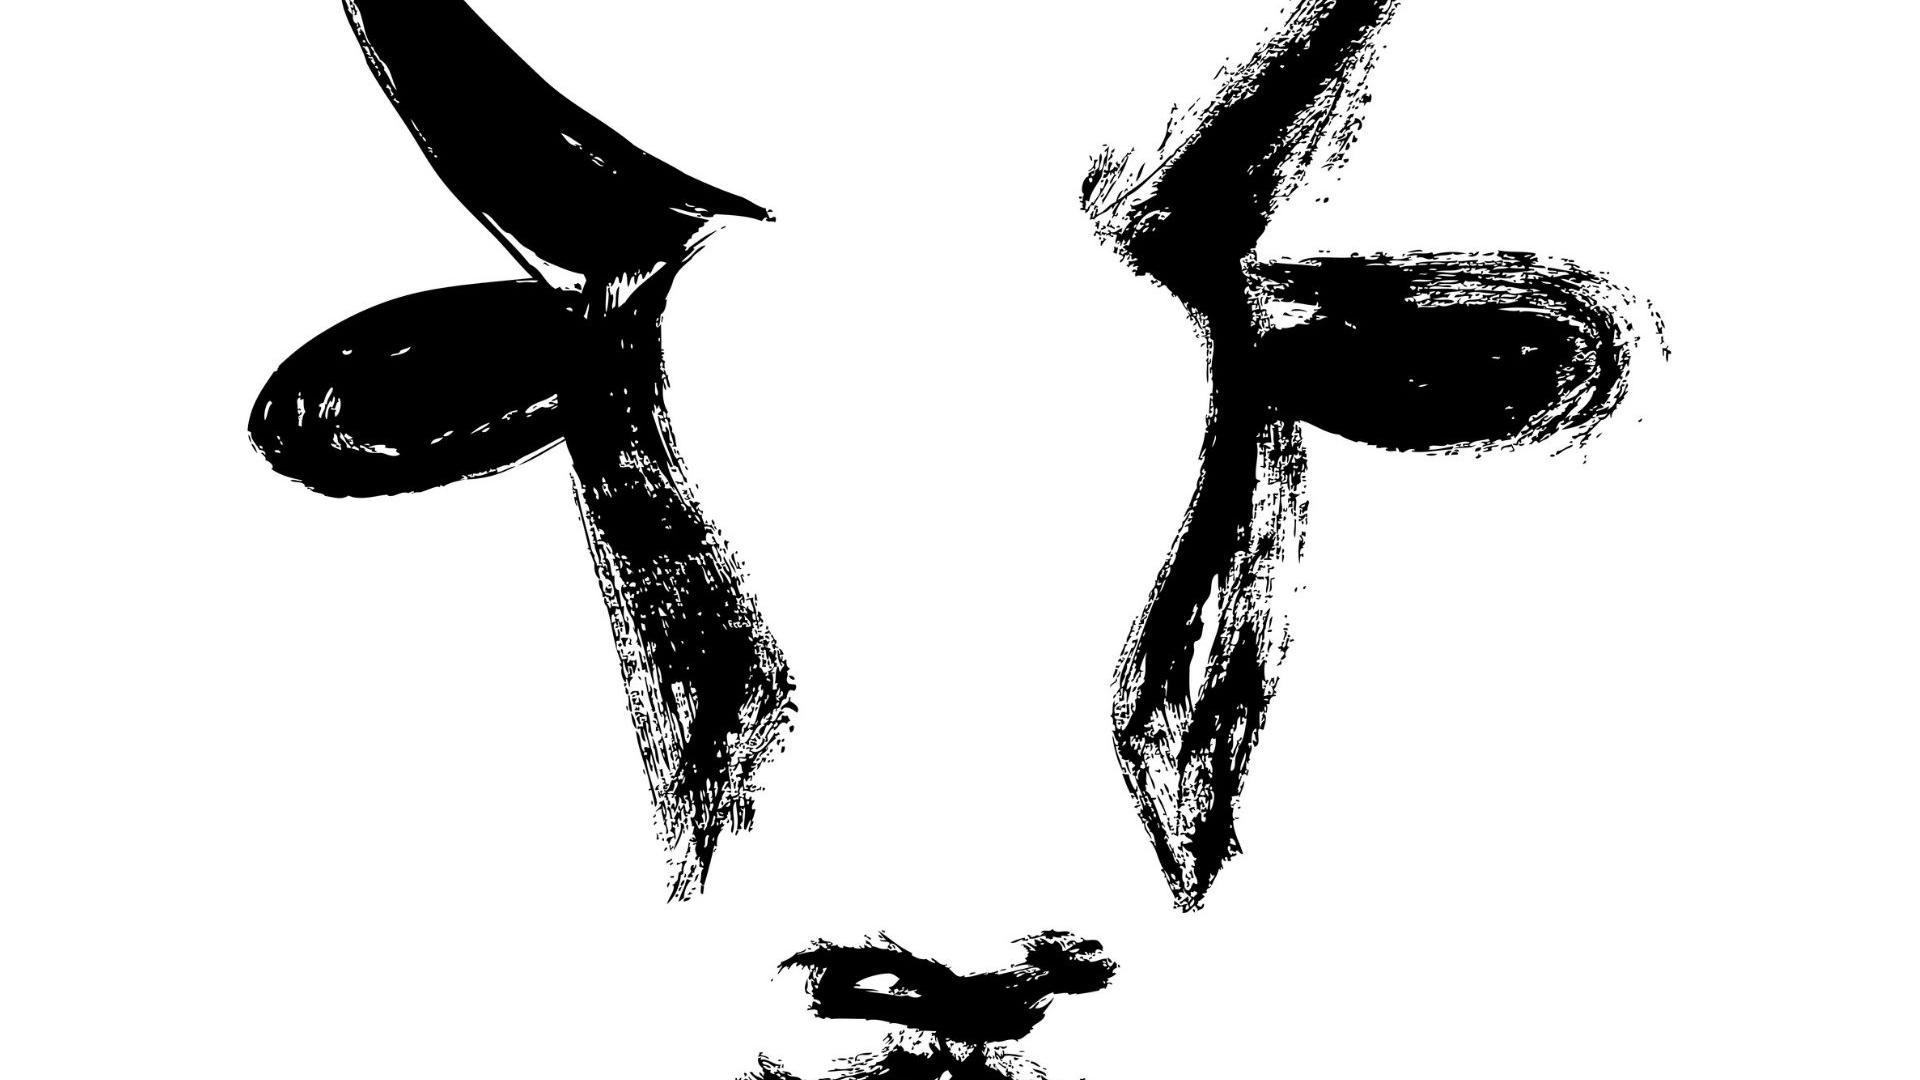 Büffel ochse zeichnung